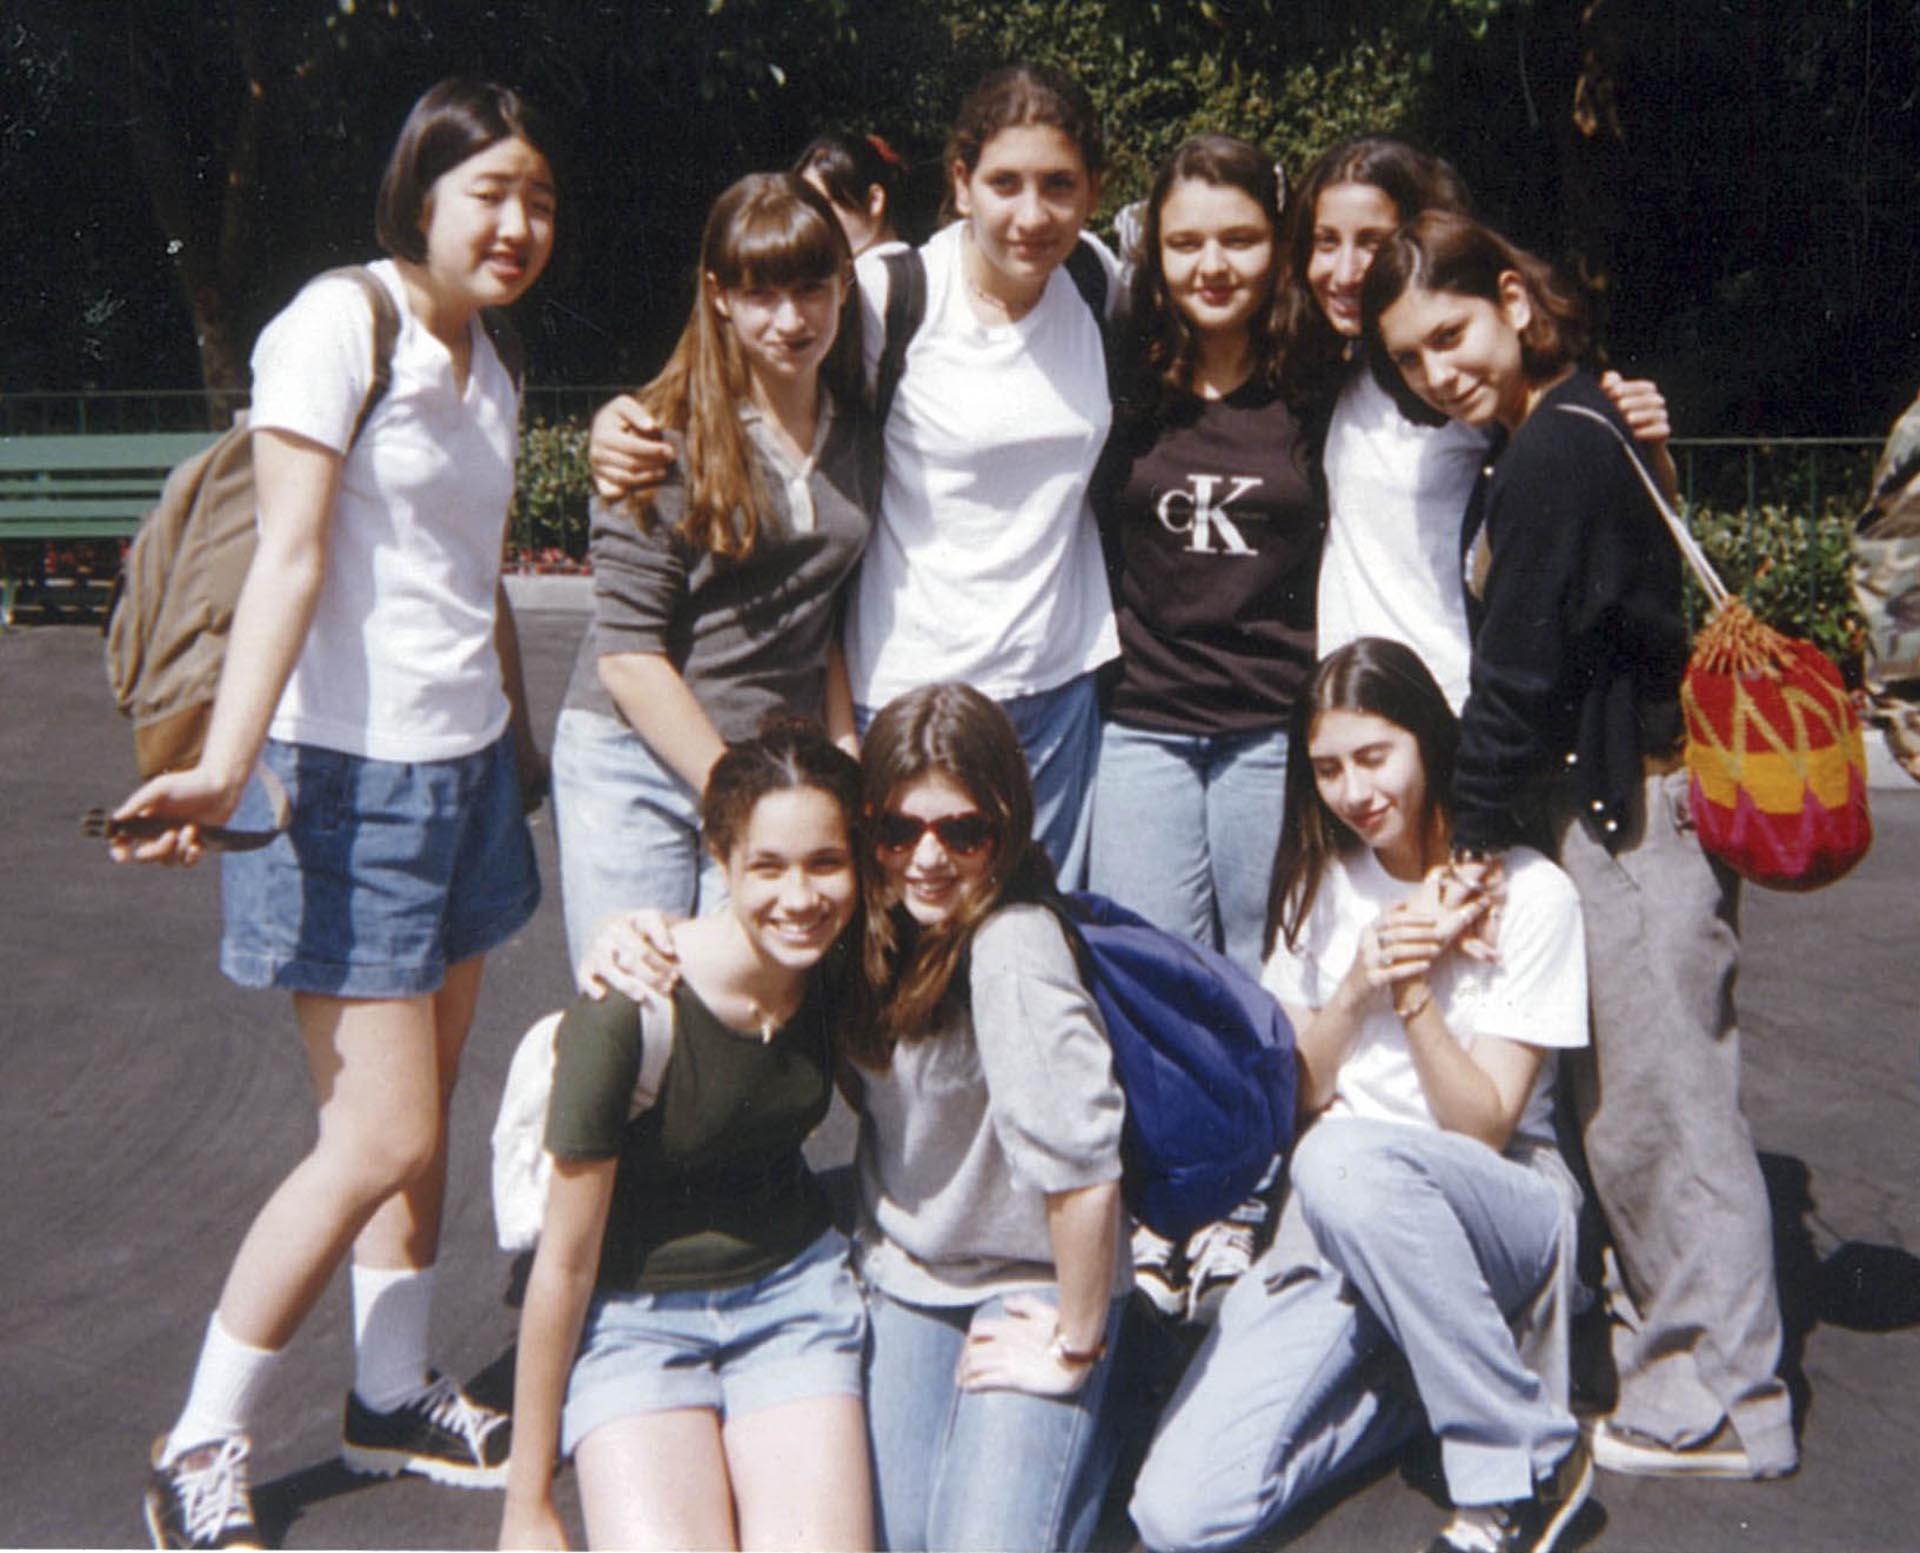 Un poco más grande, en la preadolescencia, junto con su grupo de amigas en Disneyland